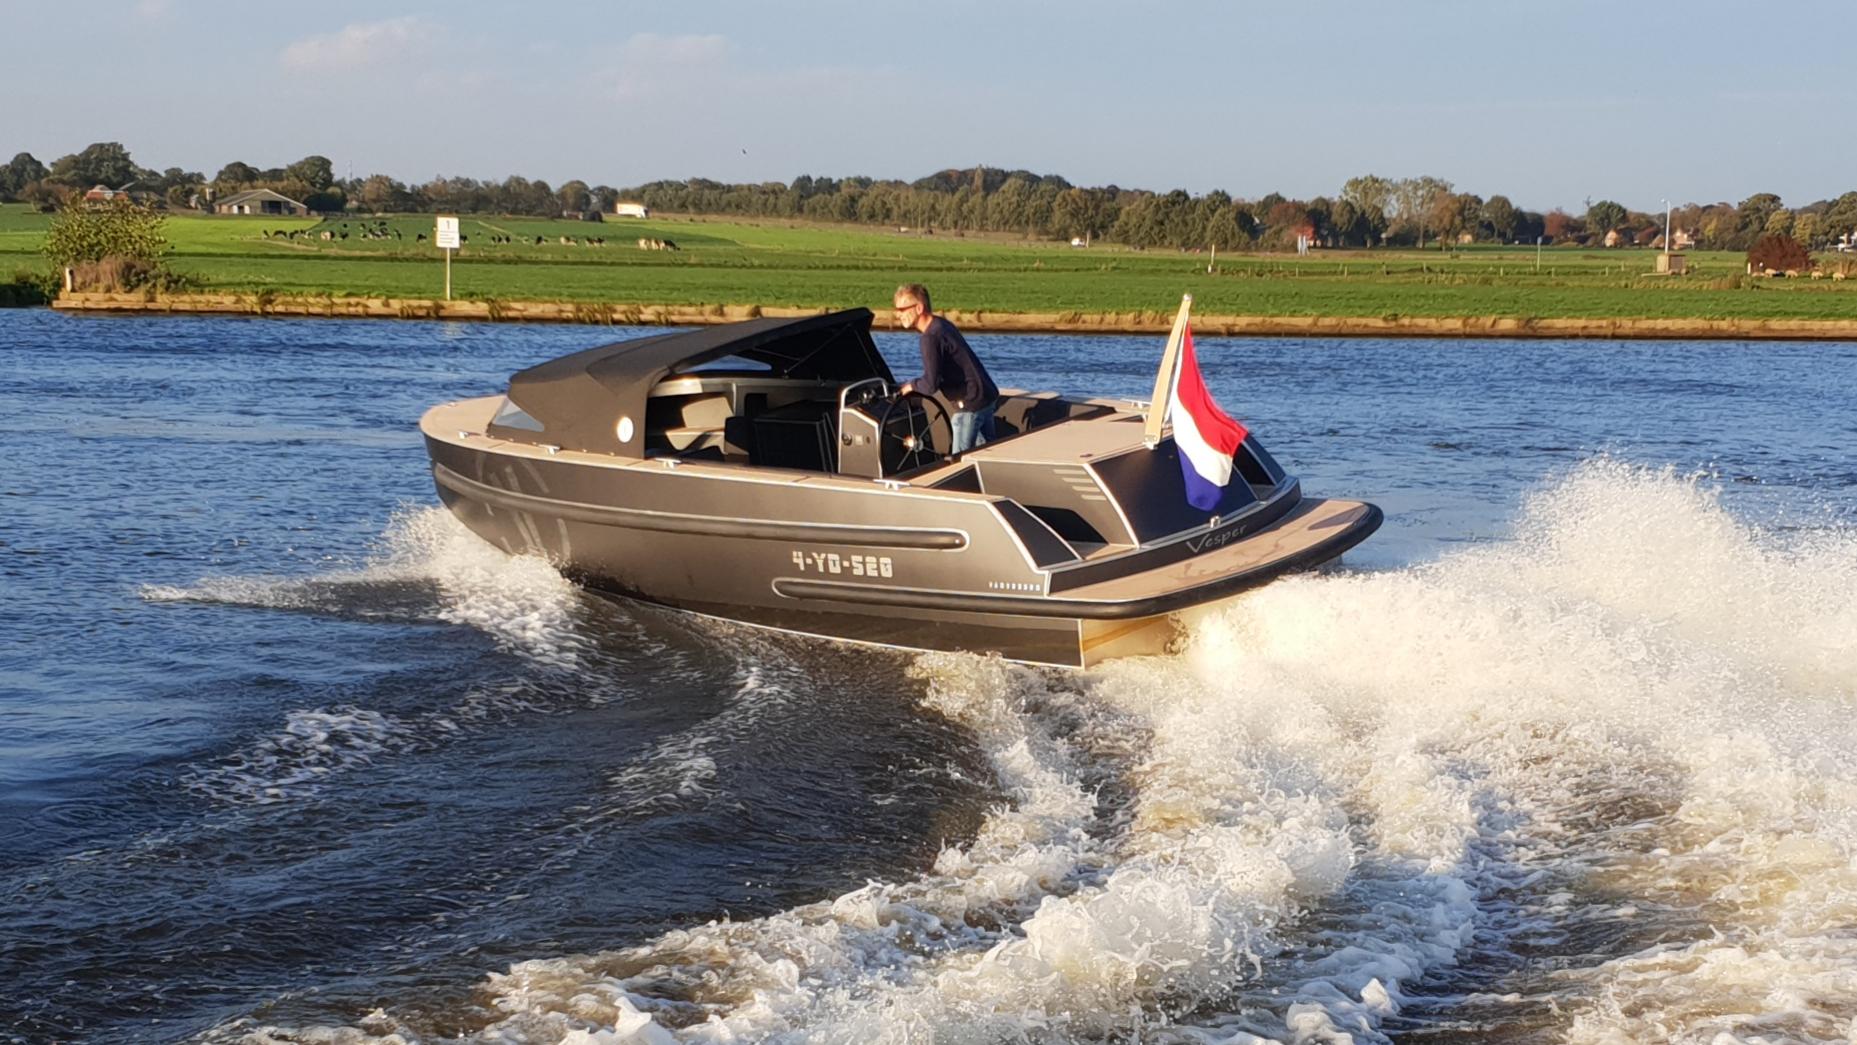 Afbeeldingsresultaat voor VanVossen tender 888 (sport)